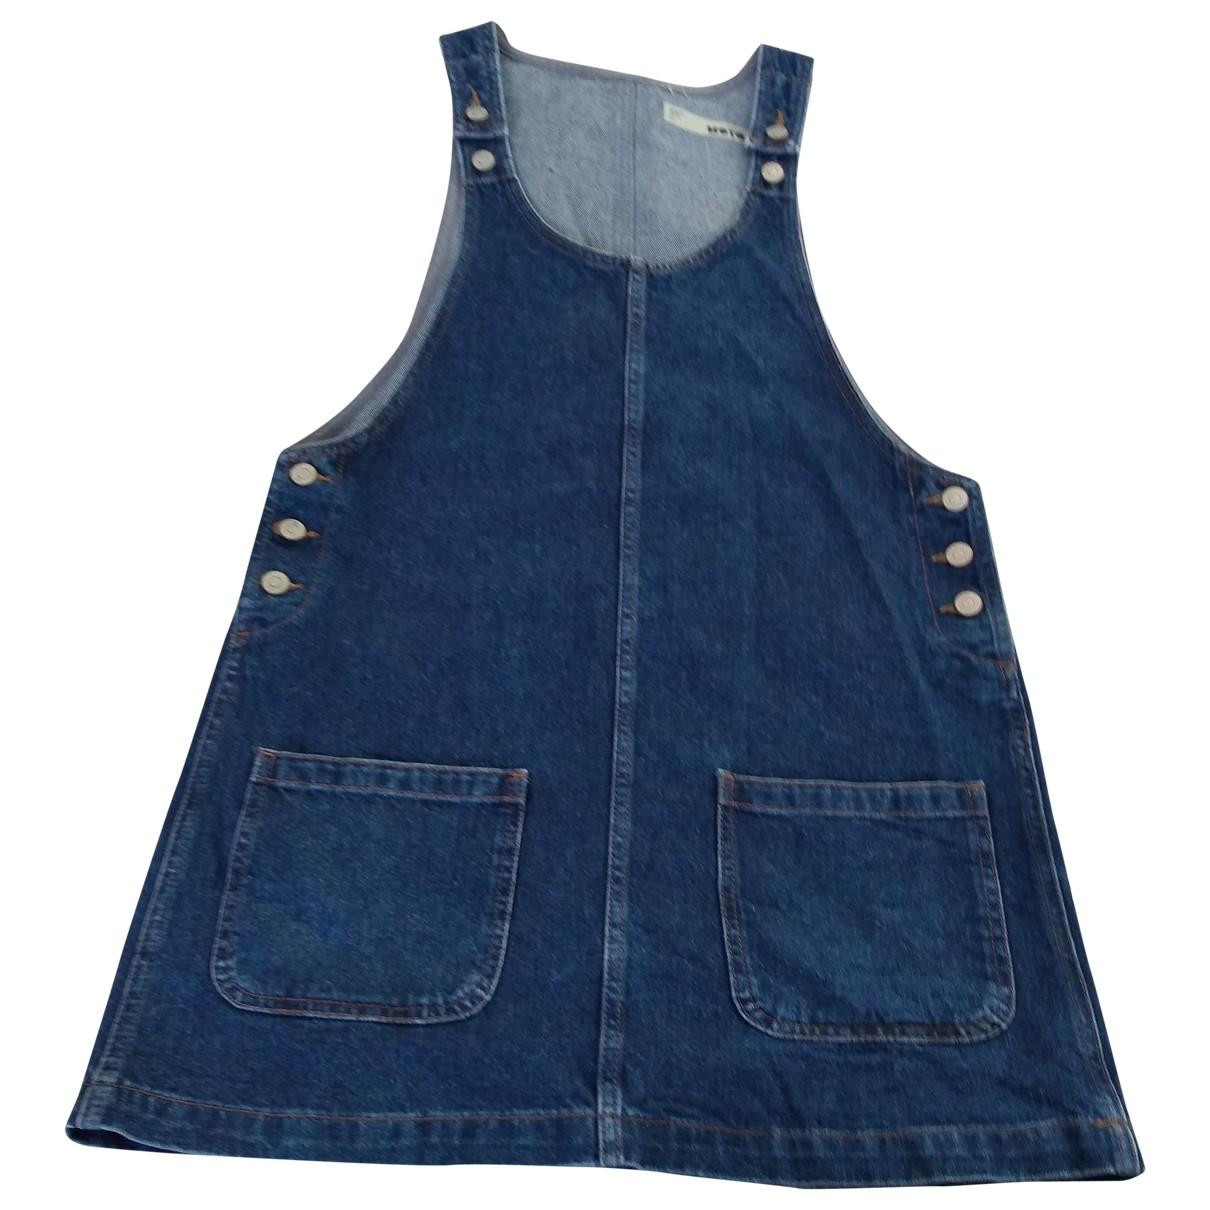 Tophop \N Kleid in  Blau Denim - Jeans